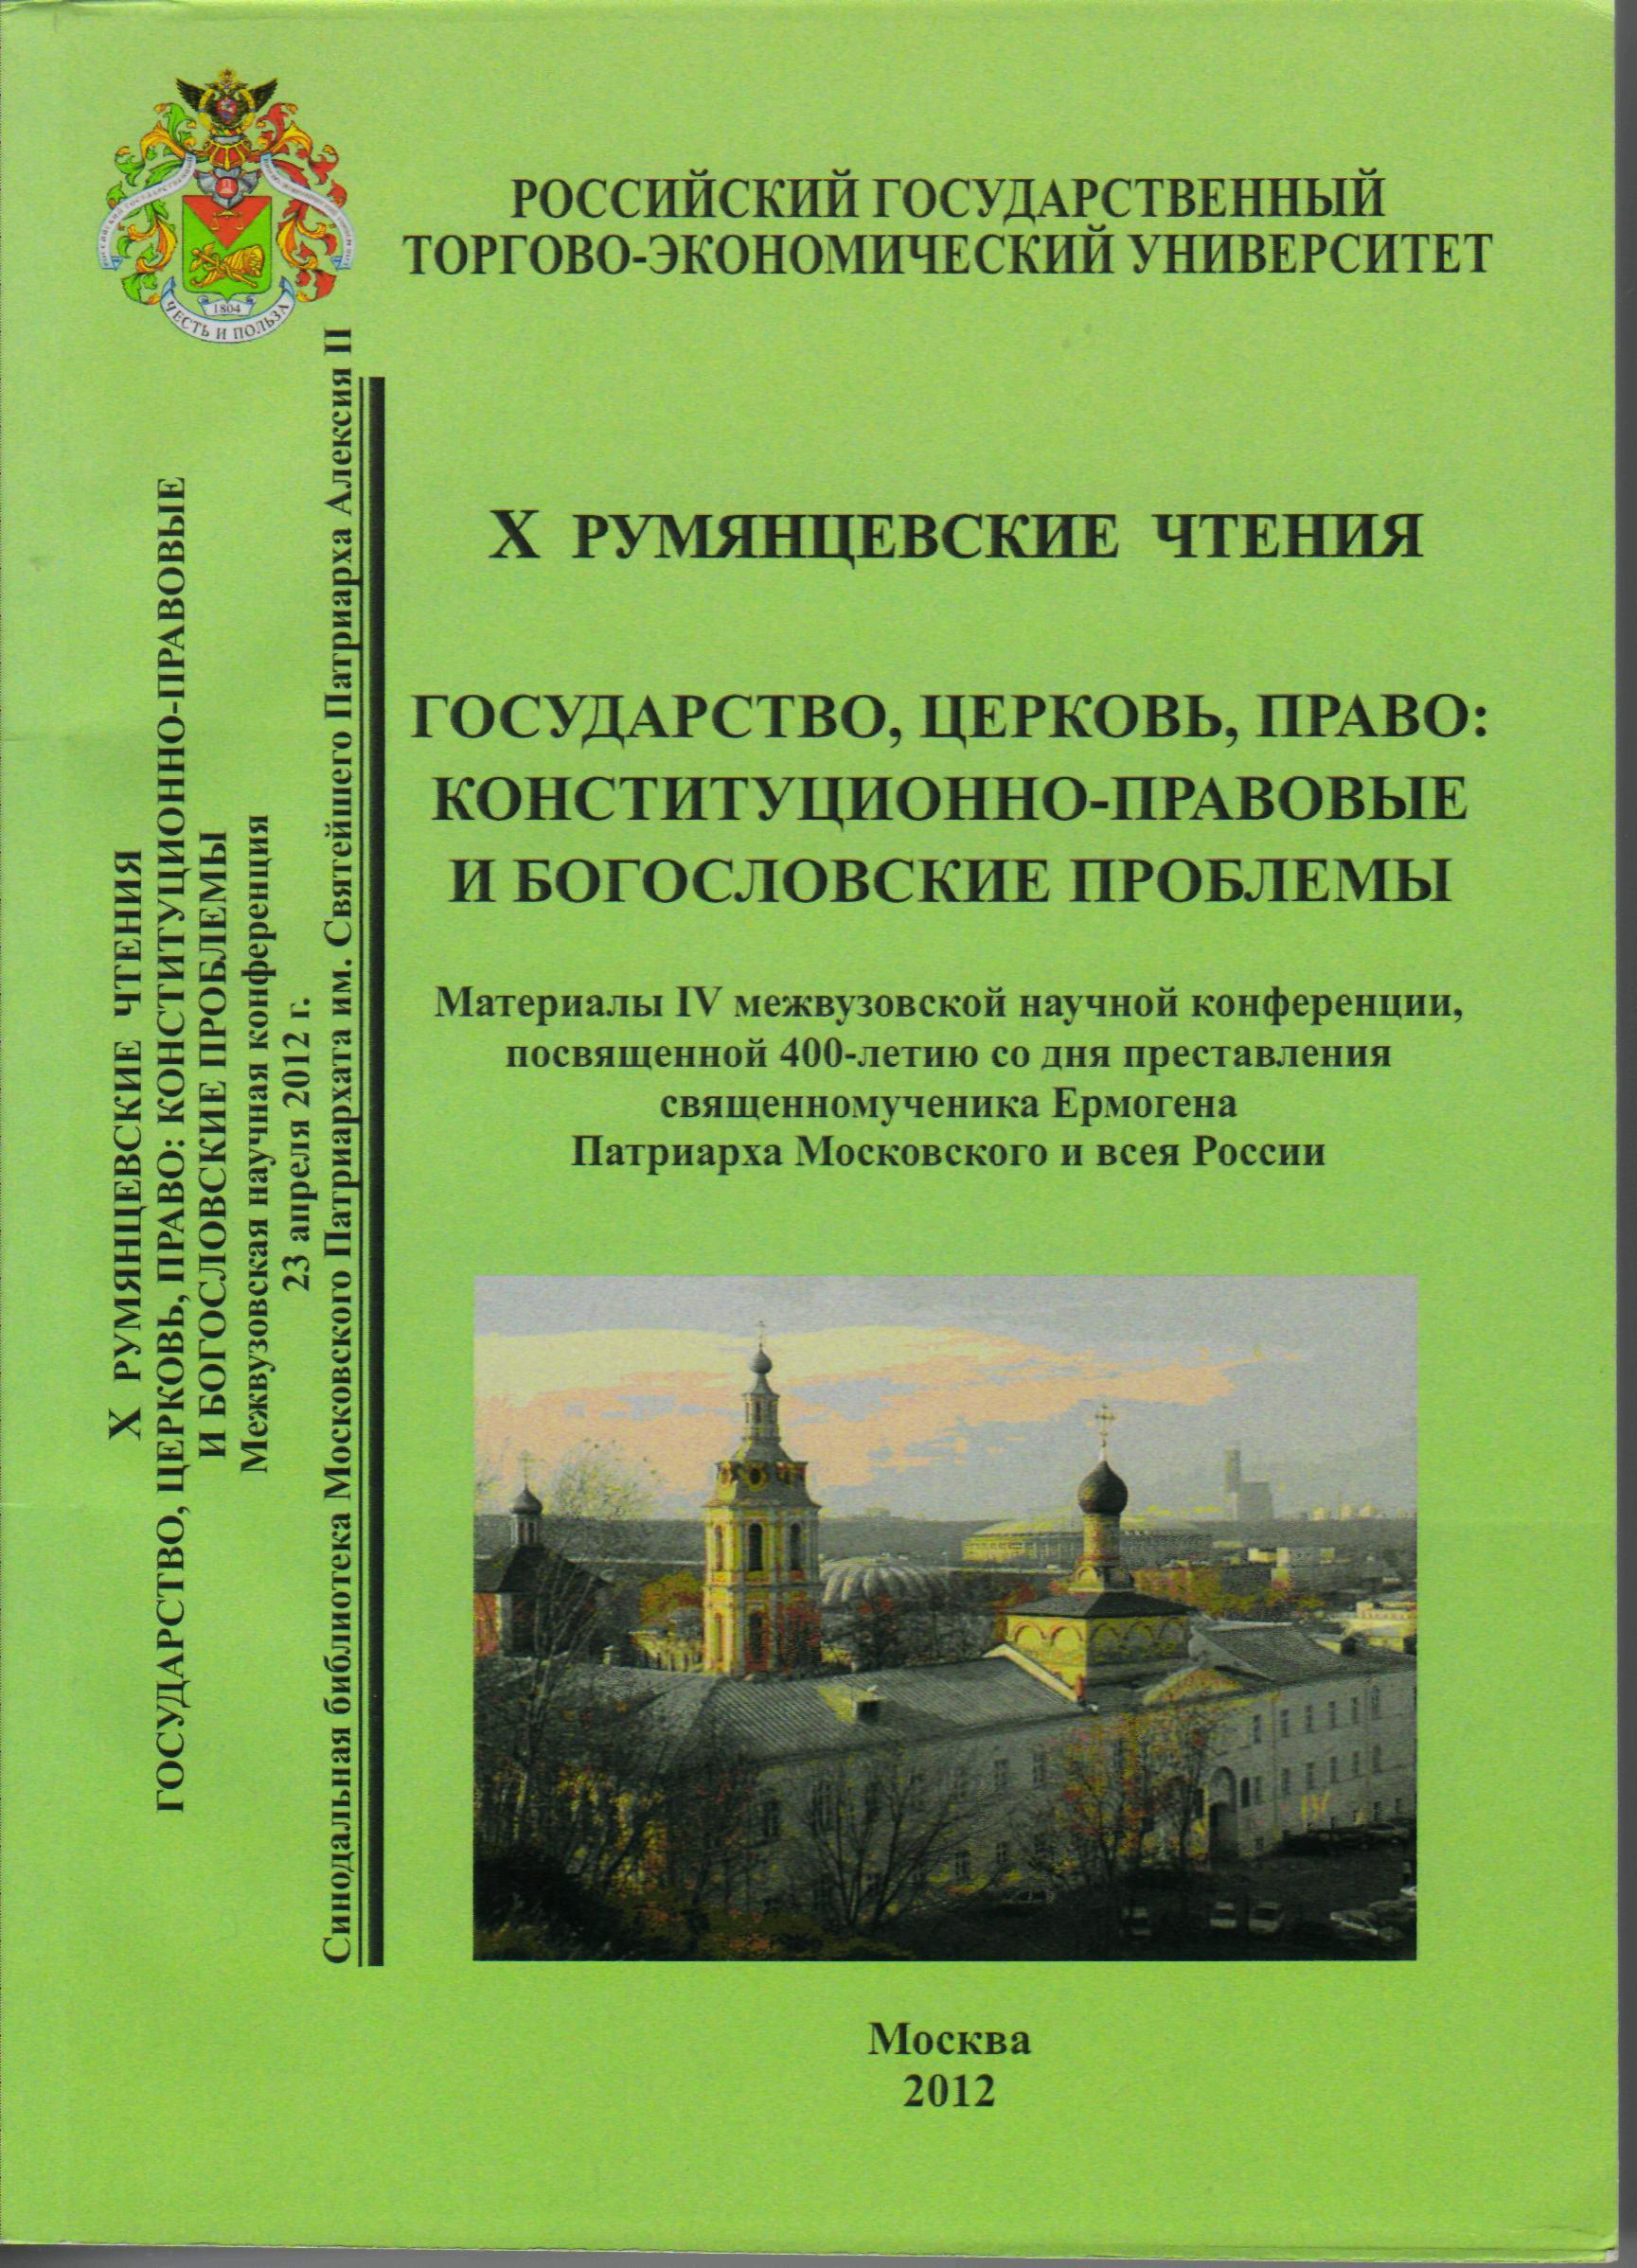 Вопросы правового положения религиозных объединений в программах правых политических партий России в начале XX в.